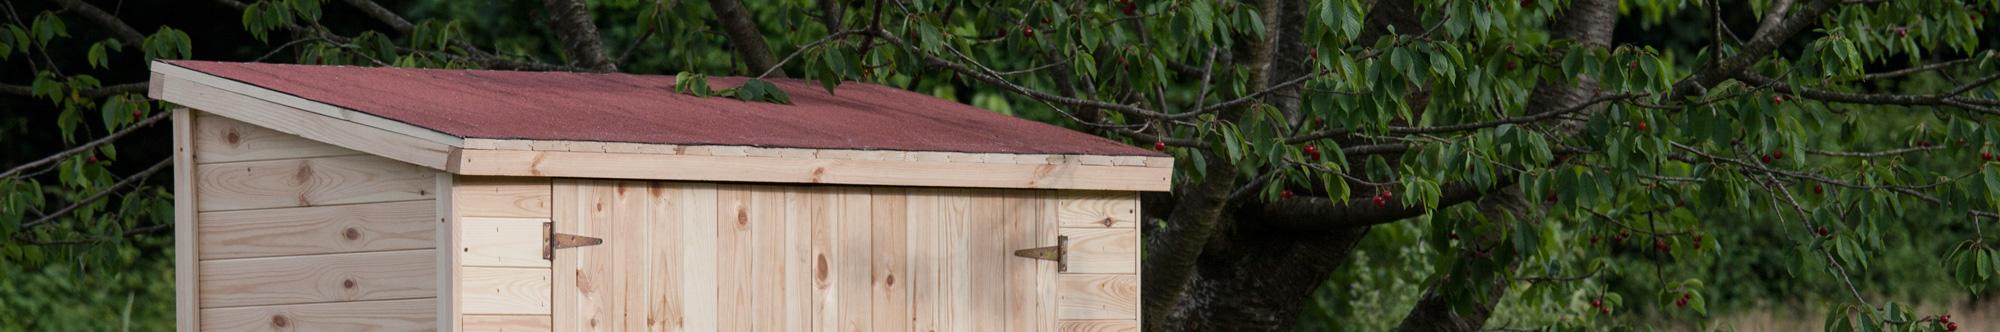 Casette da giardino casette in legno o resina offerte for Casette di legno prezzi